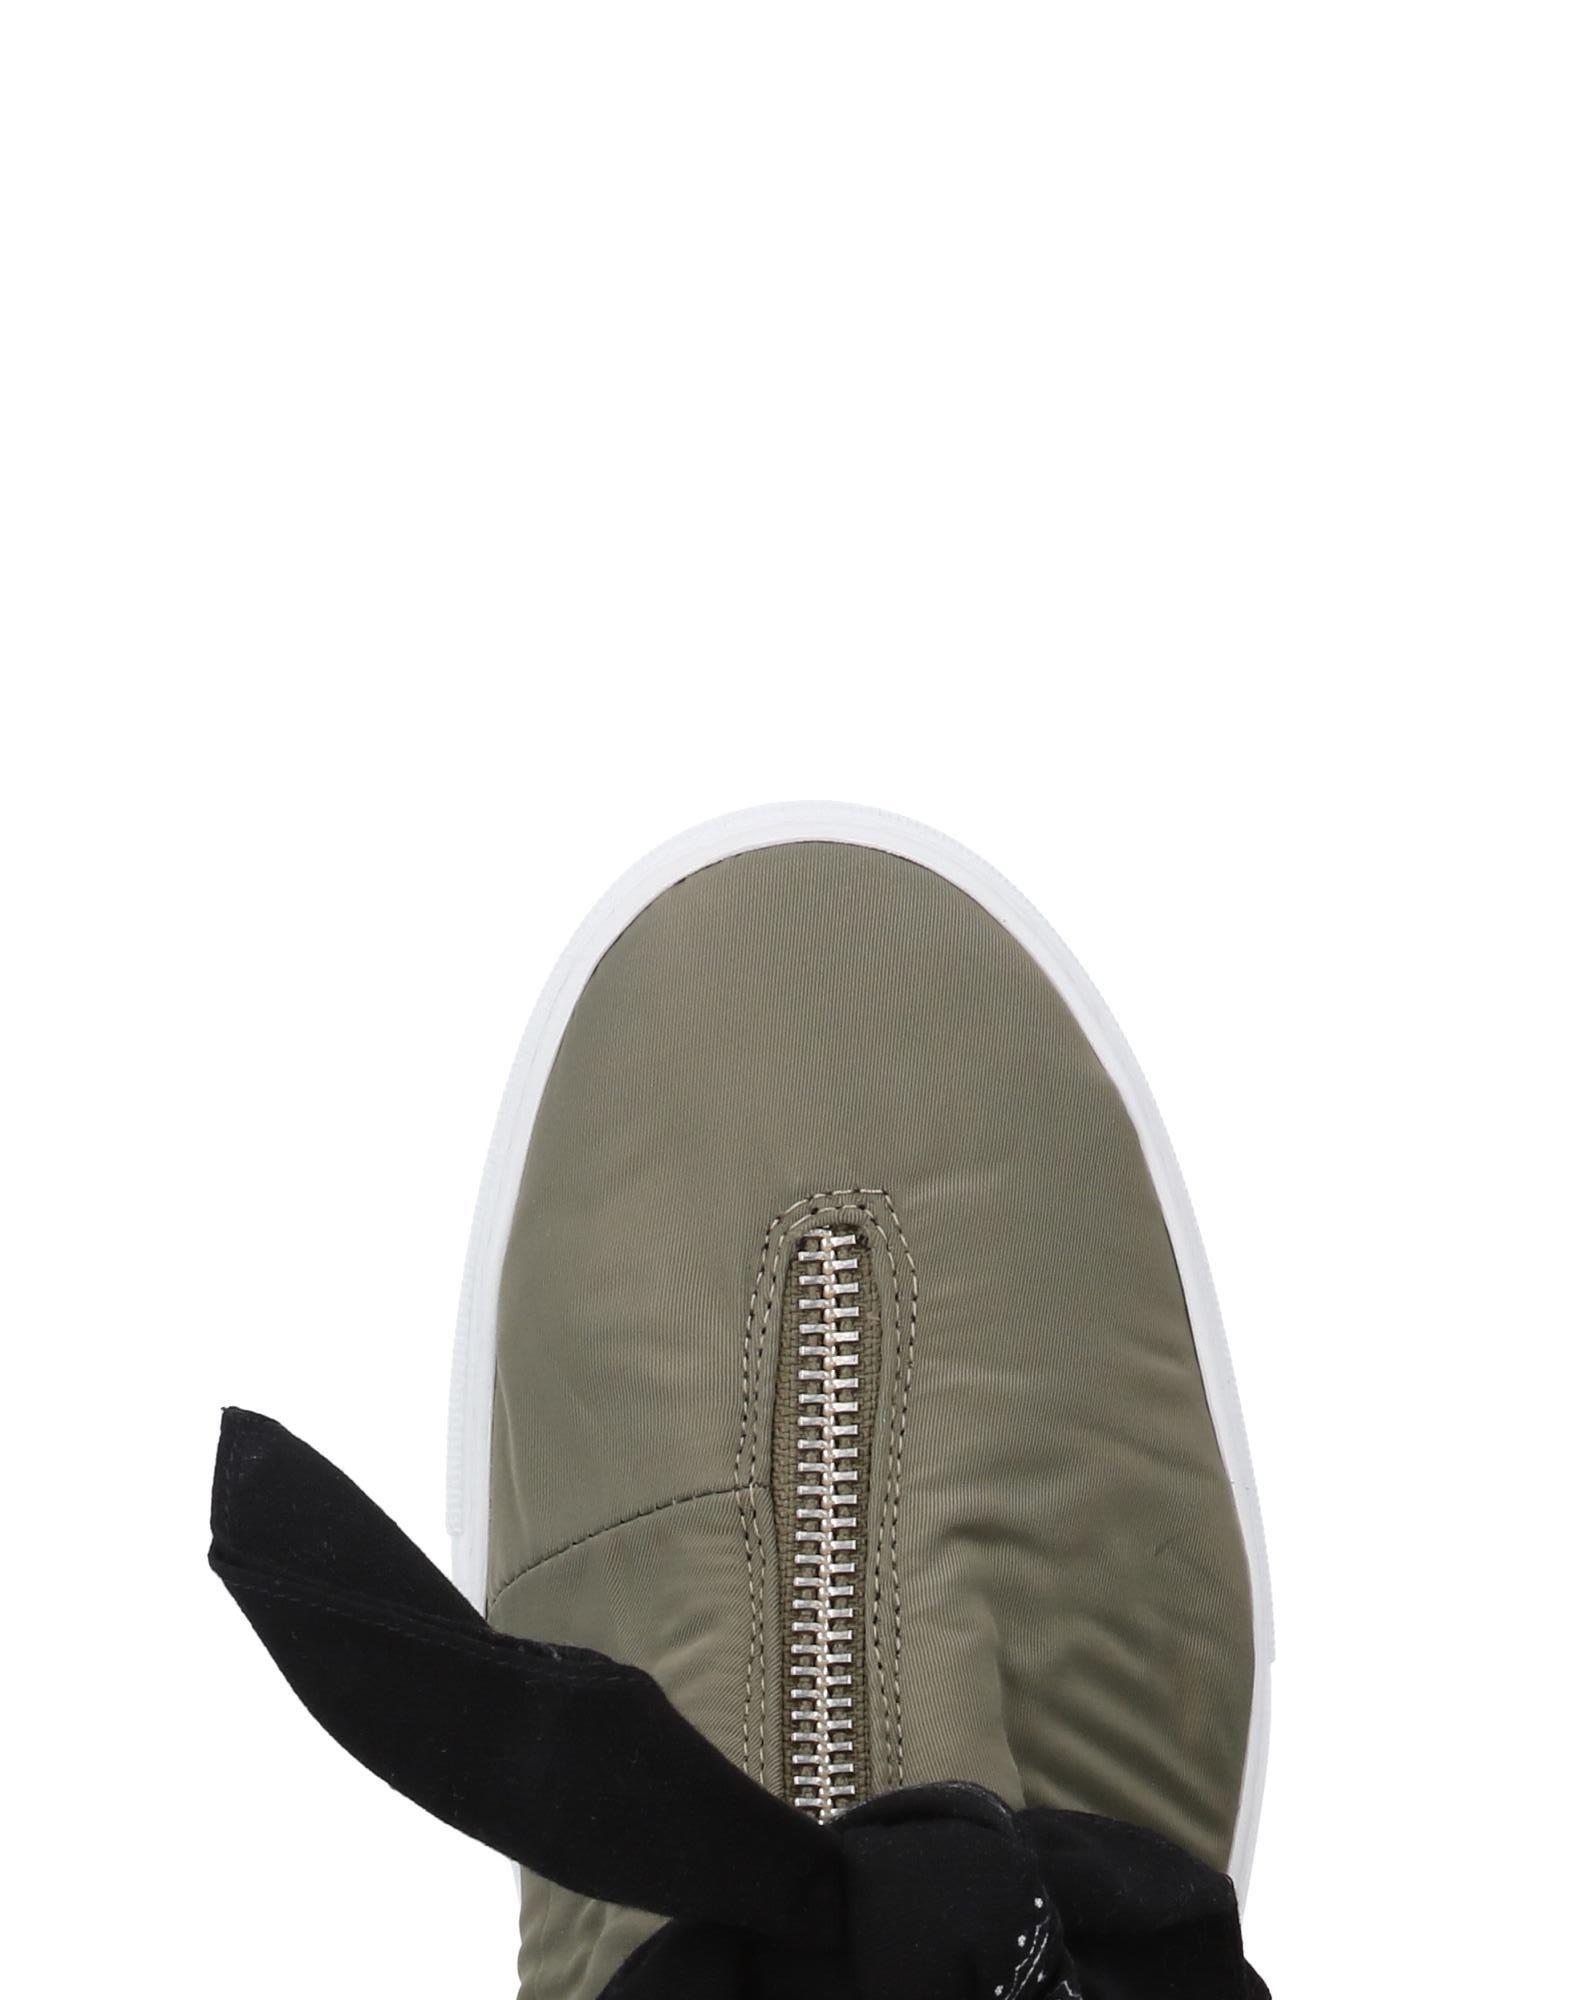 JoshuaS Sneakers Herren Gutes Preis-Leistungs-Verhältnis, es es Preis-Leistungs-Verhältnis, lohnt sich 586a85